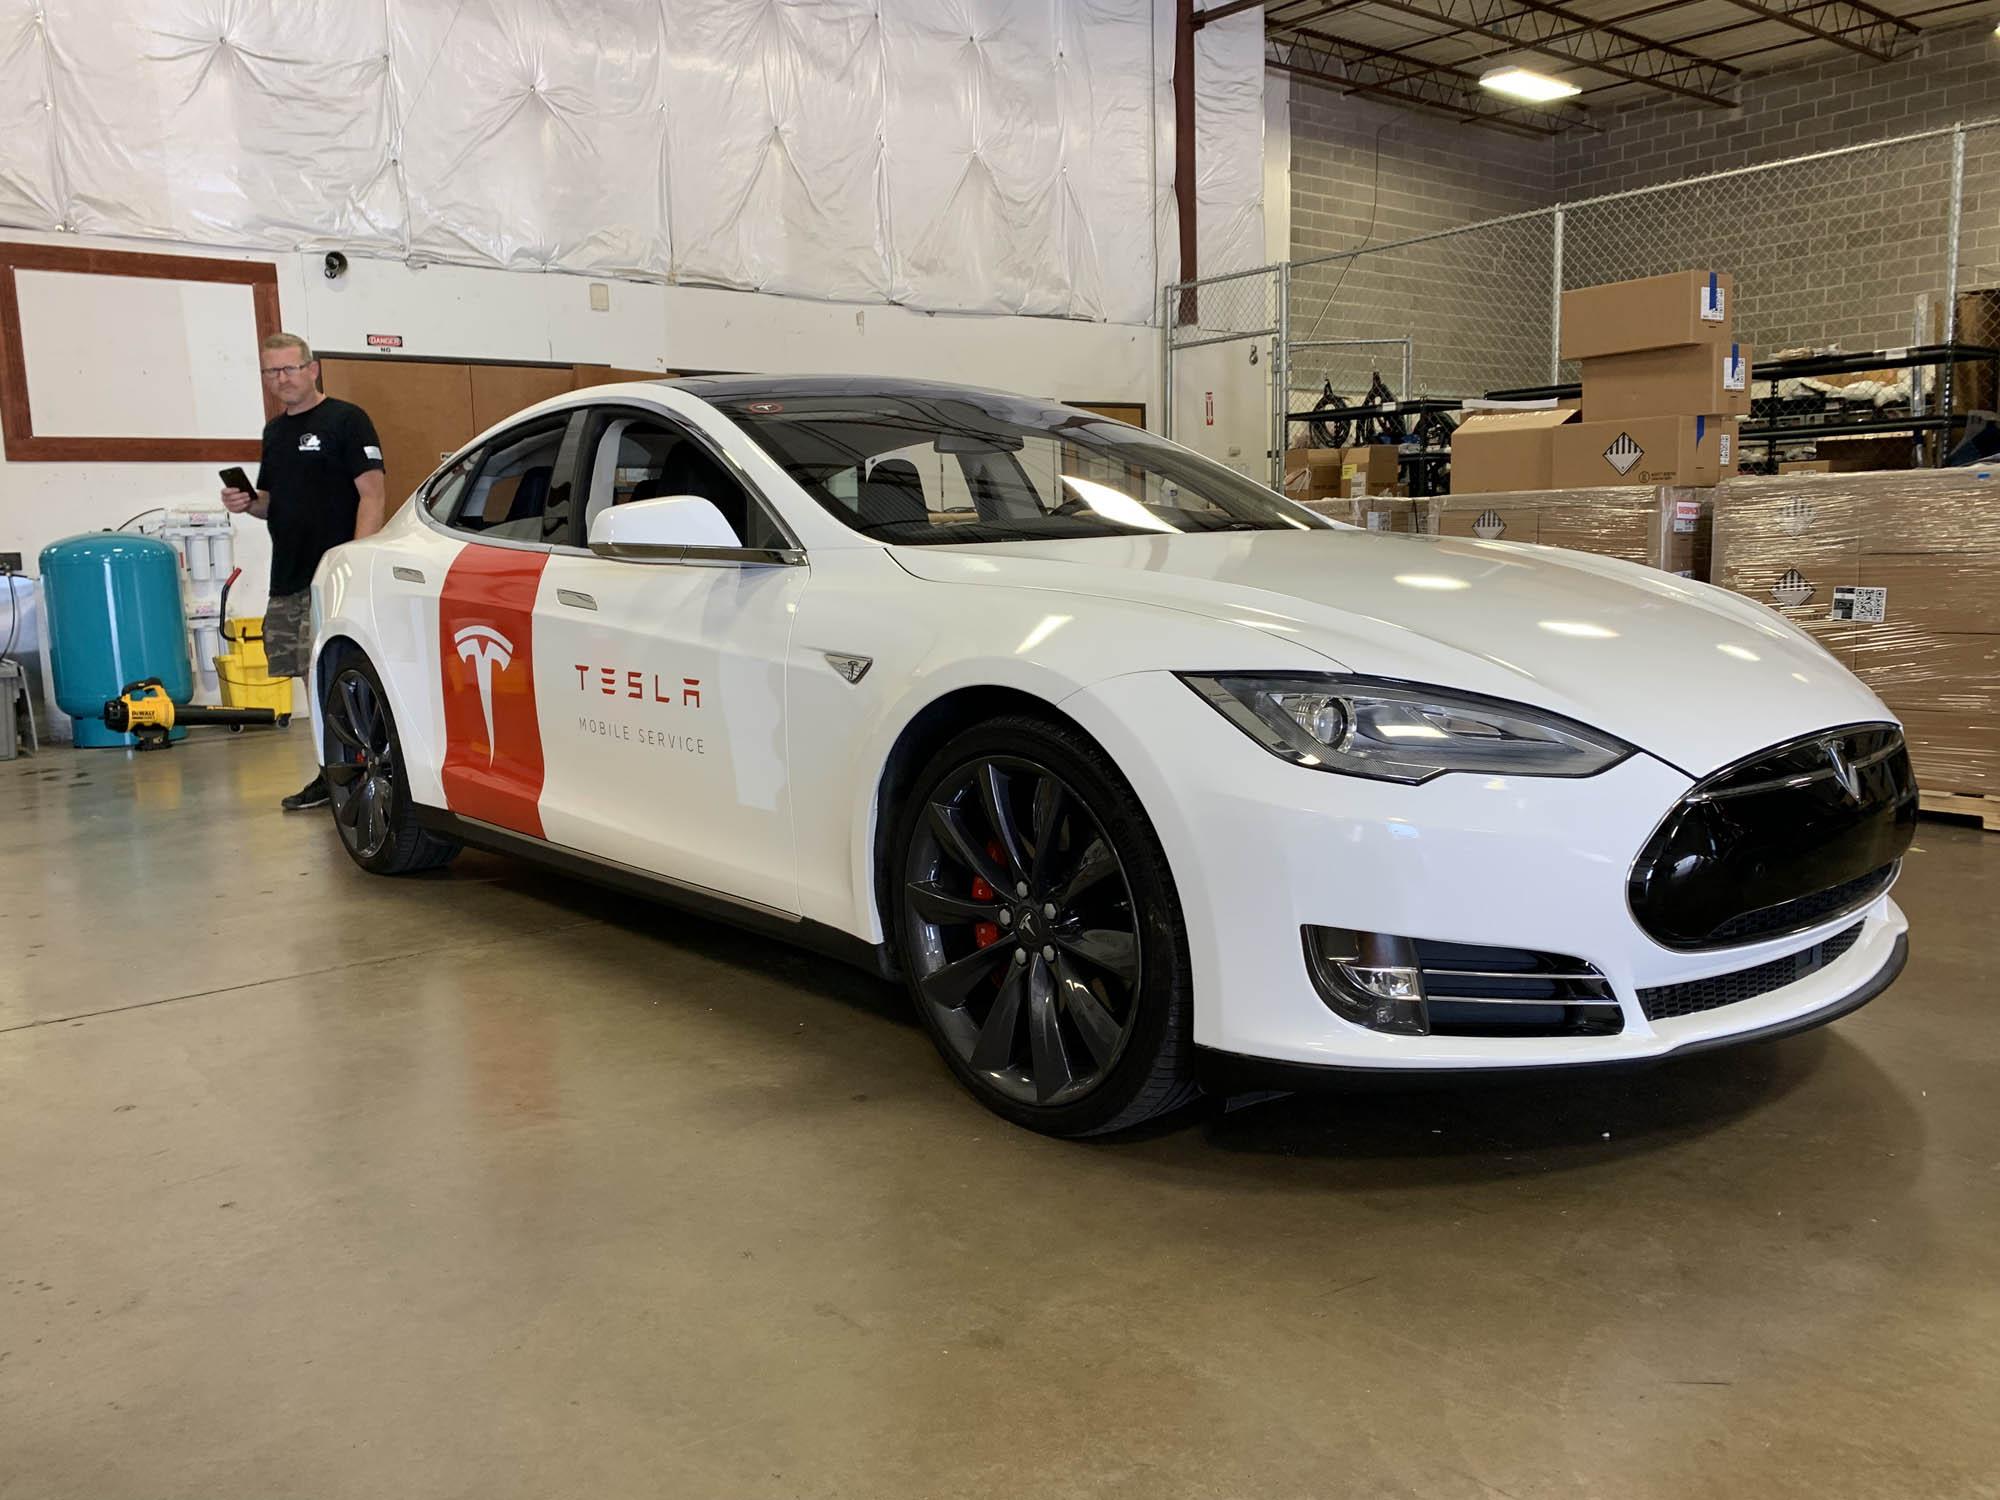 Tesla Energy Model S Wrap